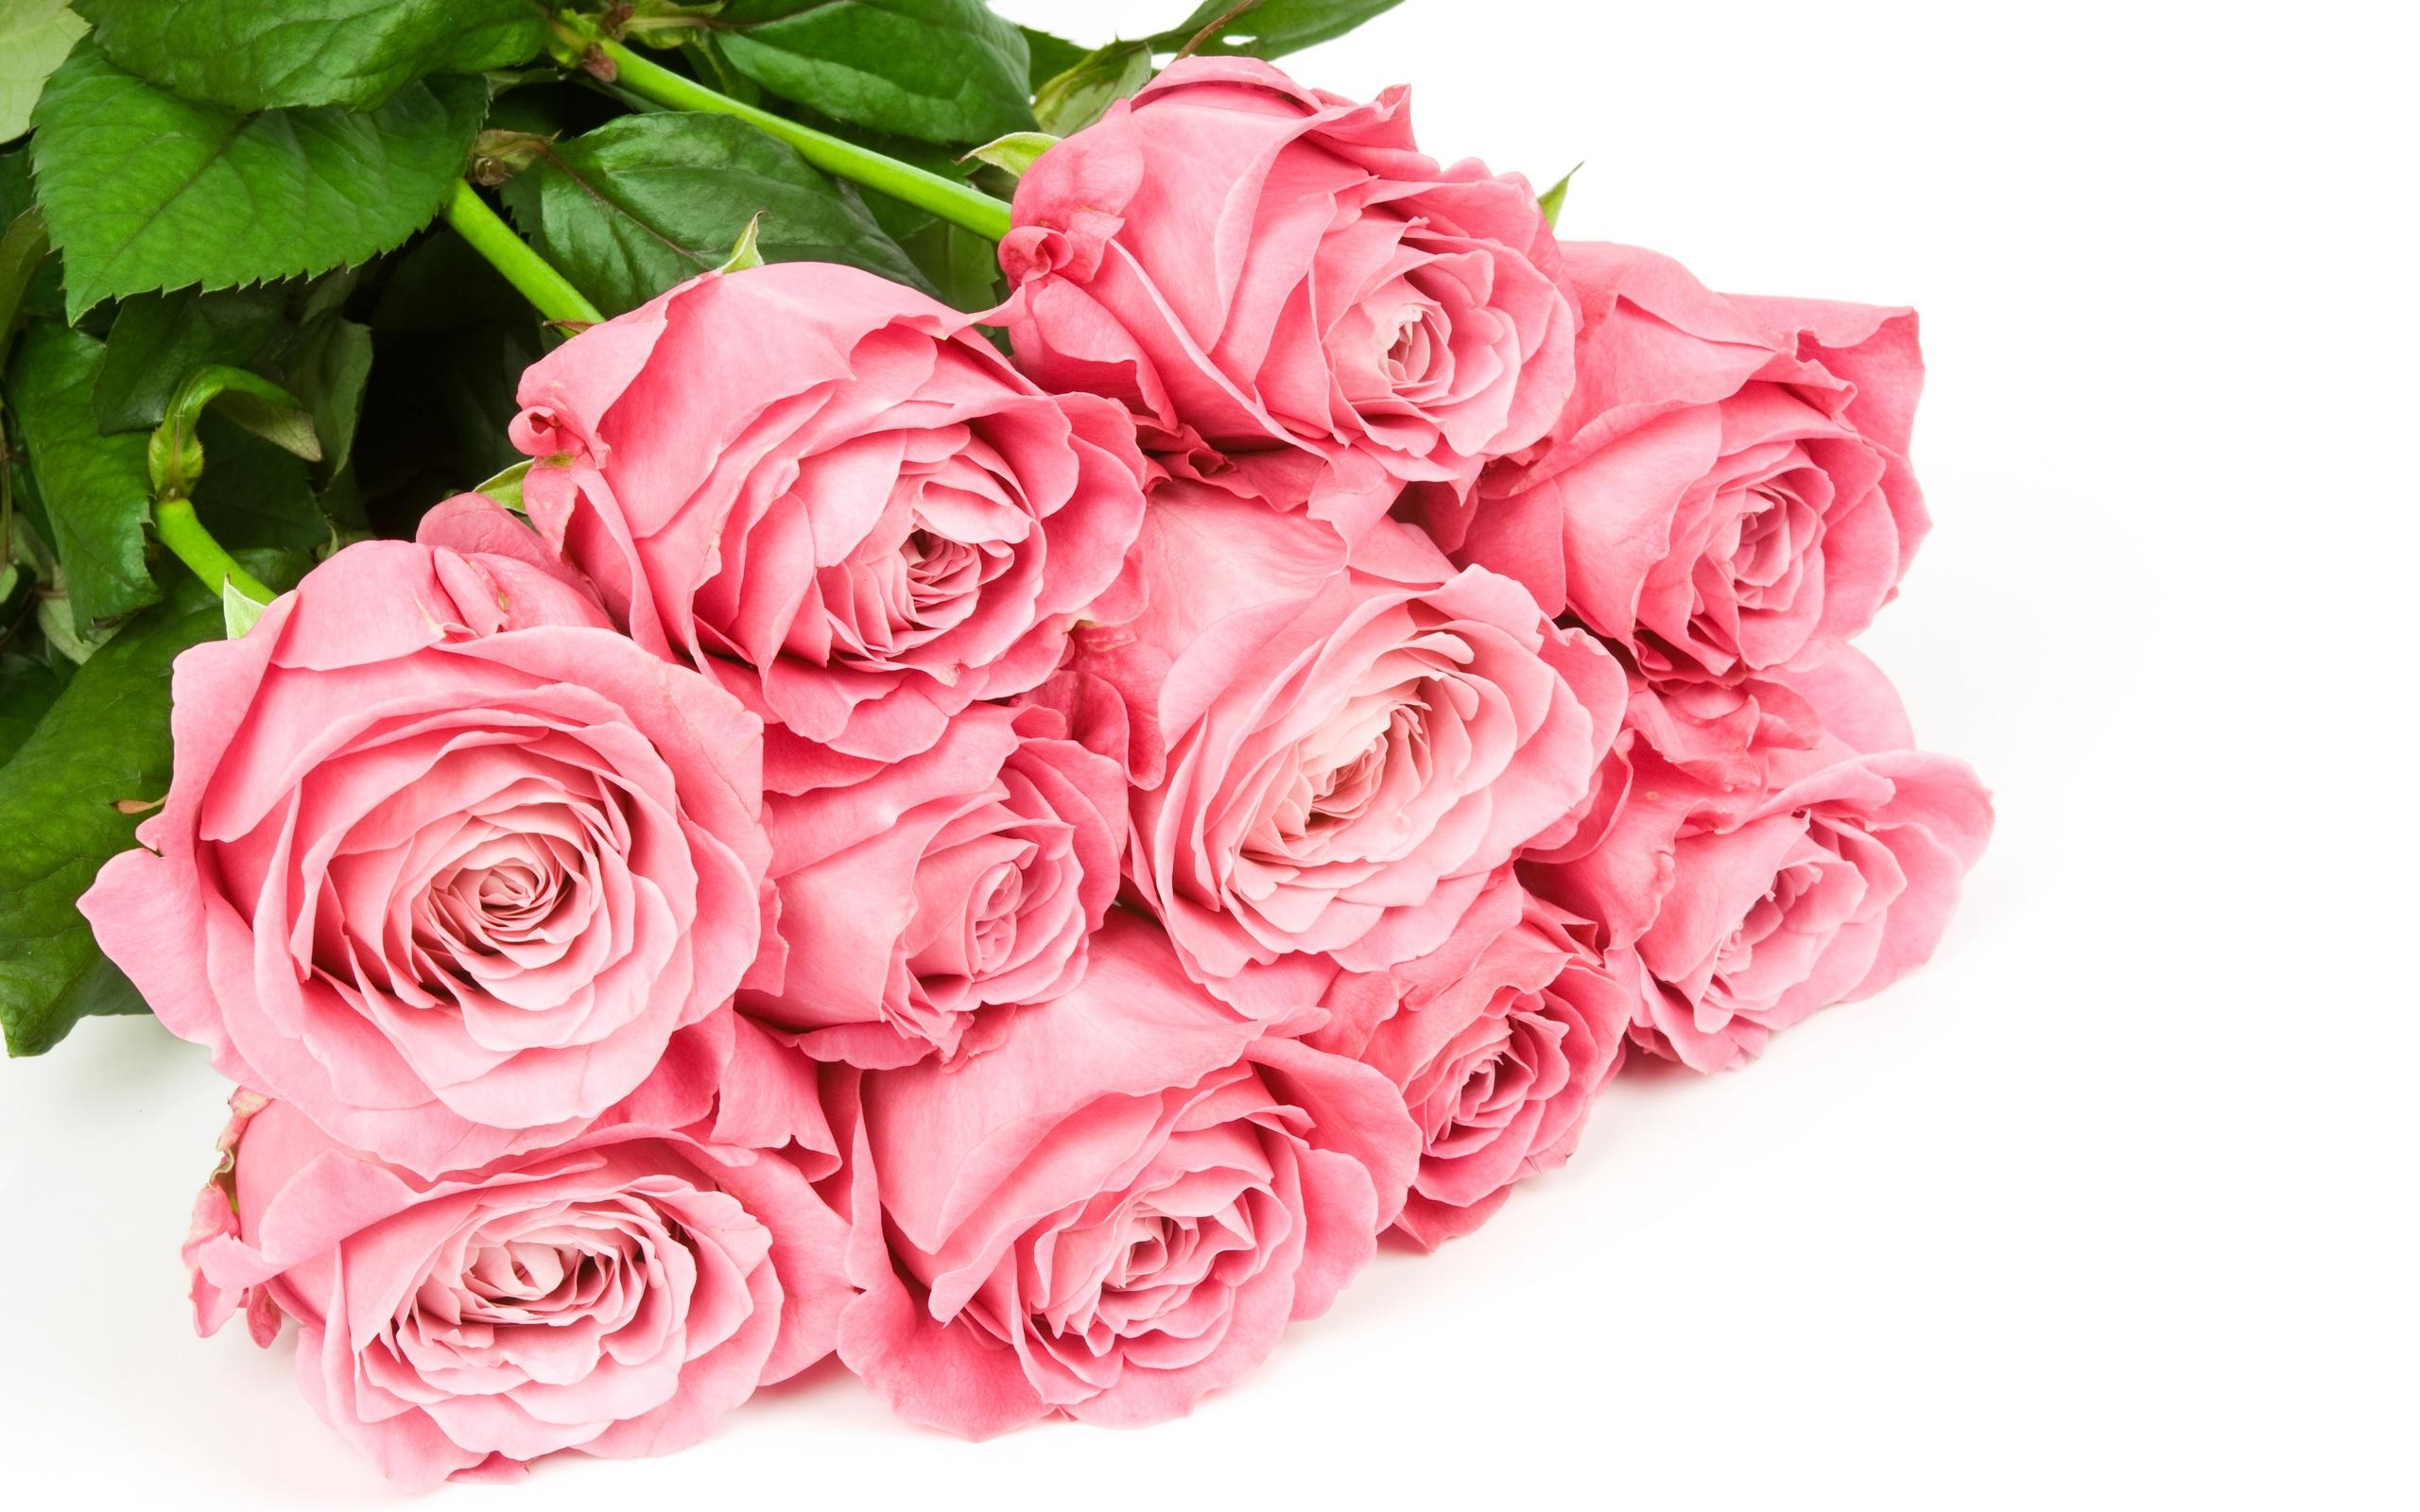 Картинки розовые розы на белом фоне